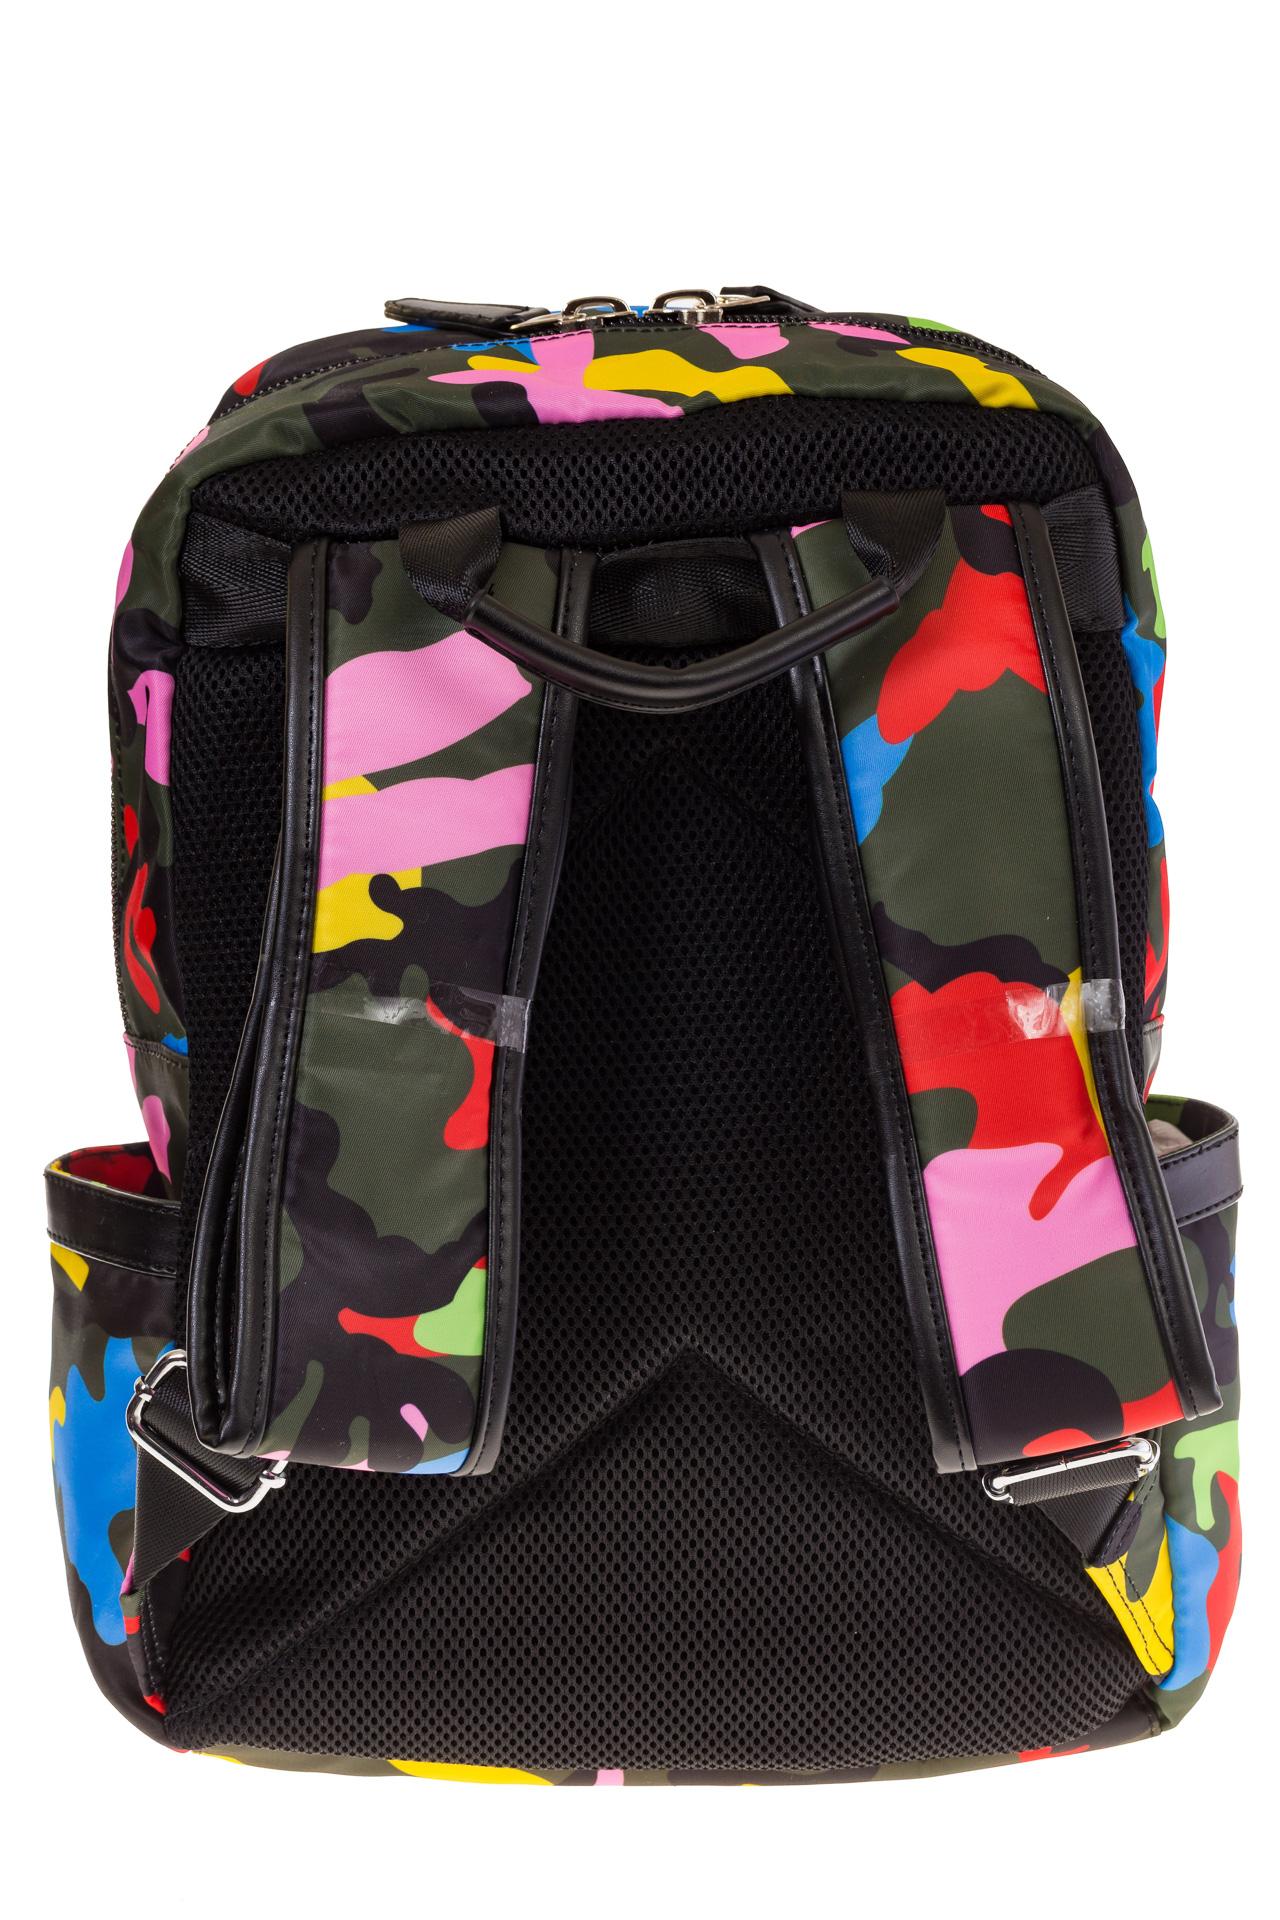 Купить оптом городской рюкзак из текстиля, фото сзади